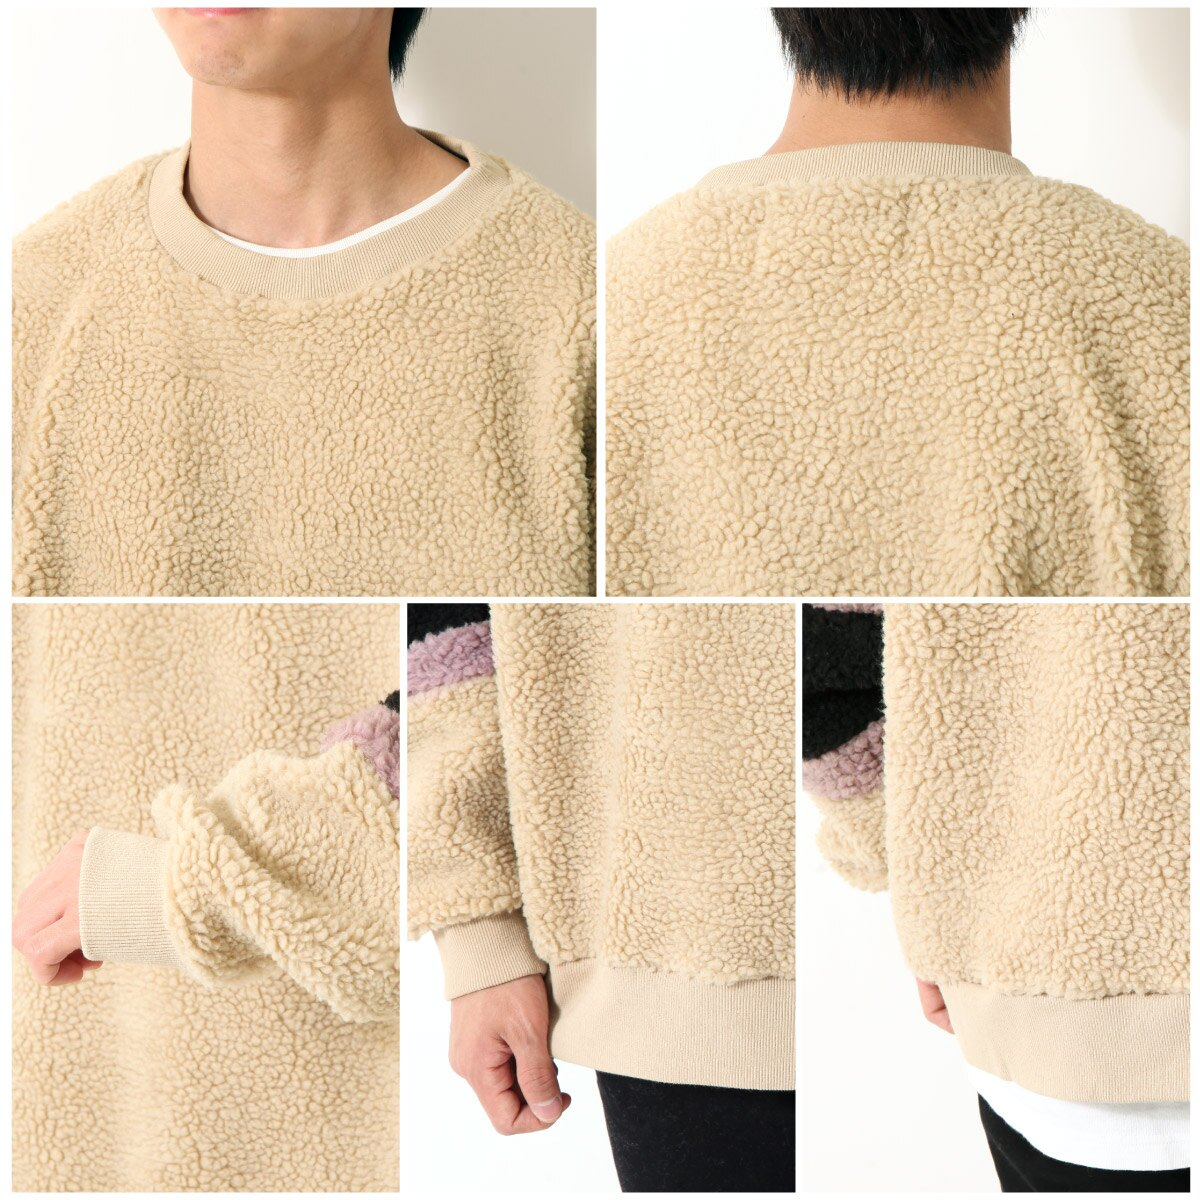 仿羊絨運動衫 寬版 4